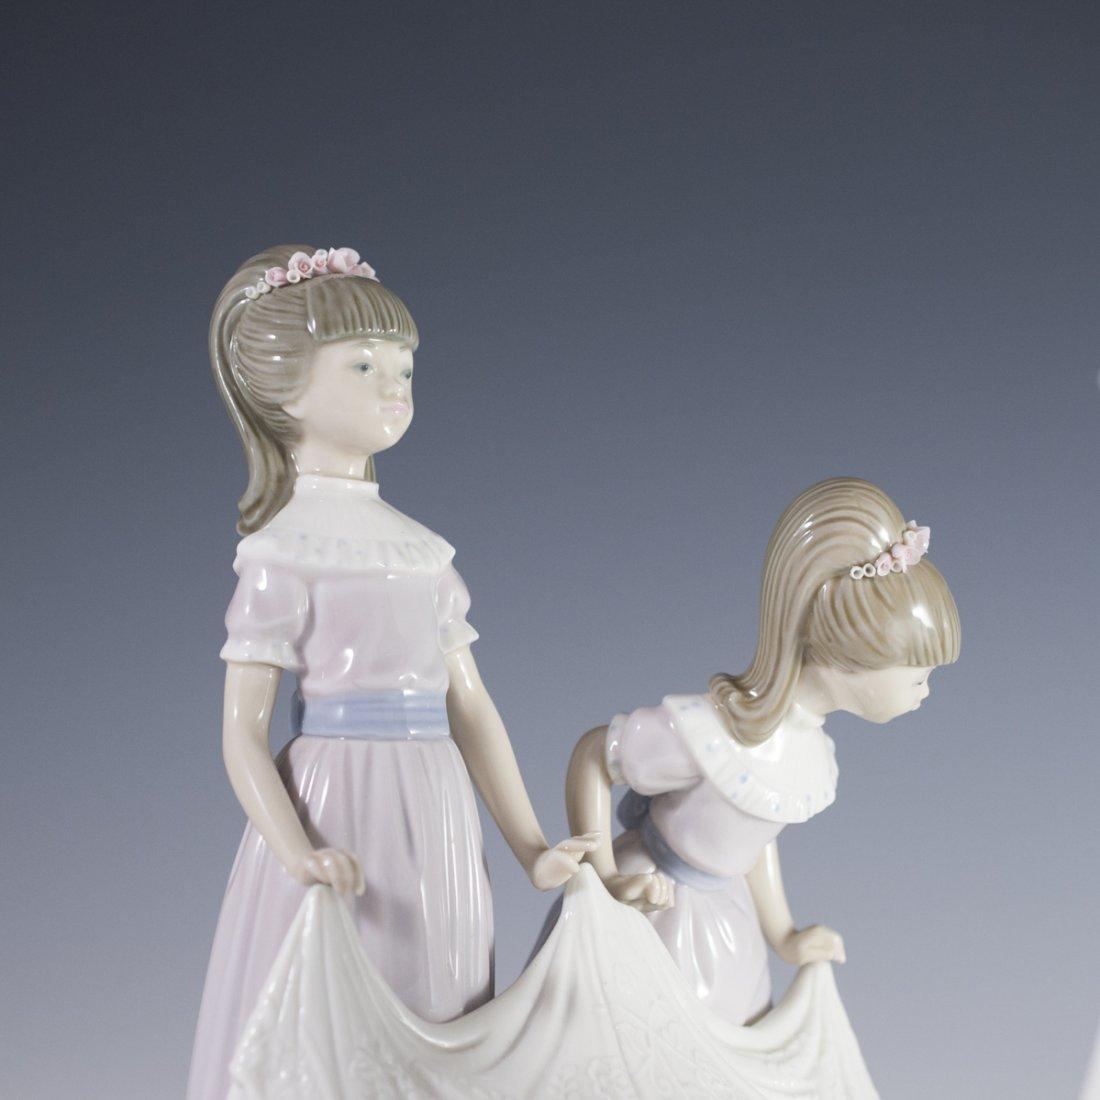 """Lladro """"Here Comes the Bride"""" Figurine - 4"""